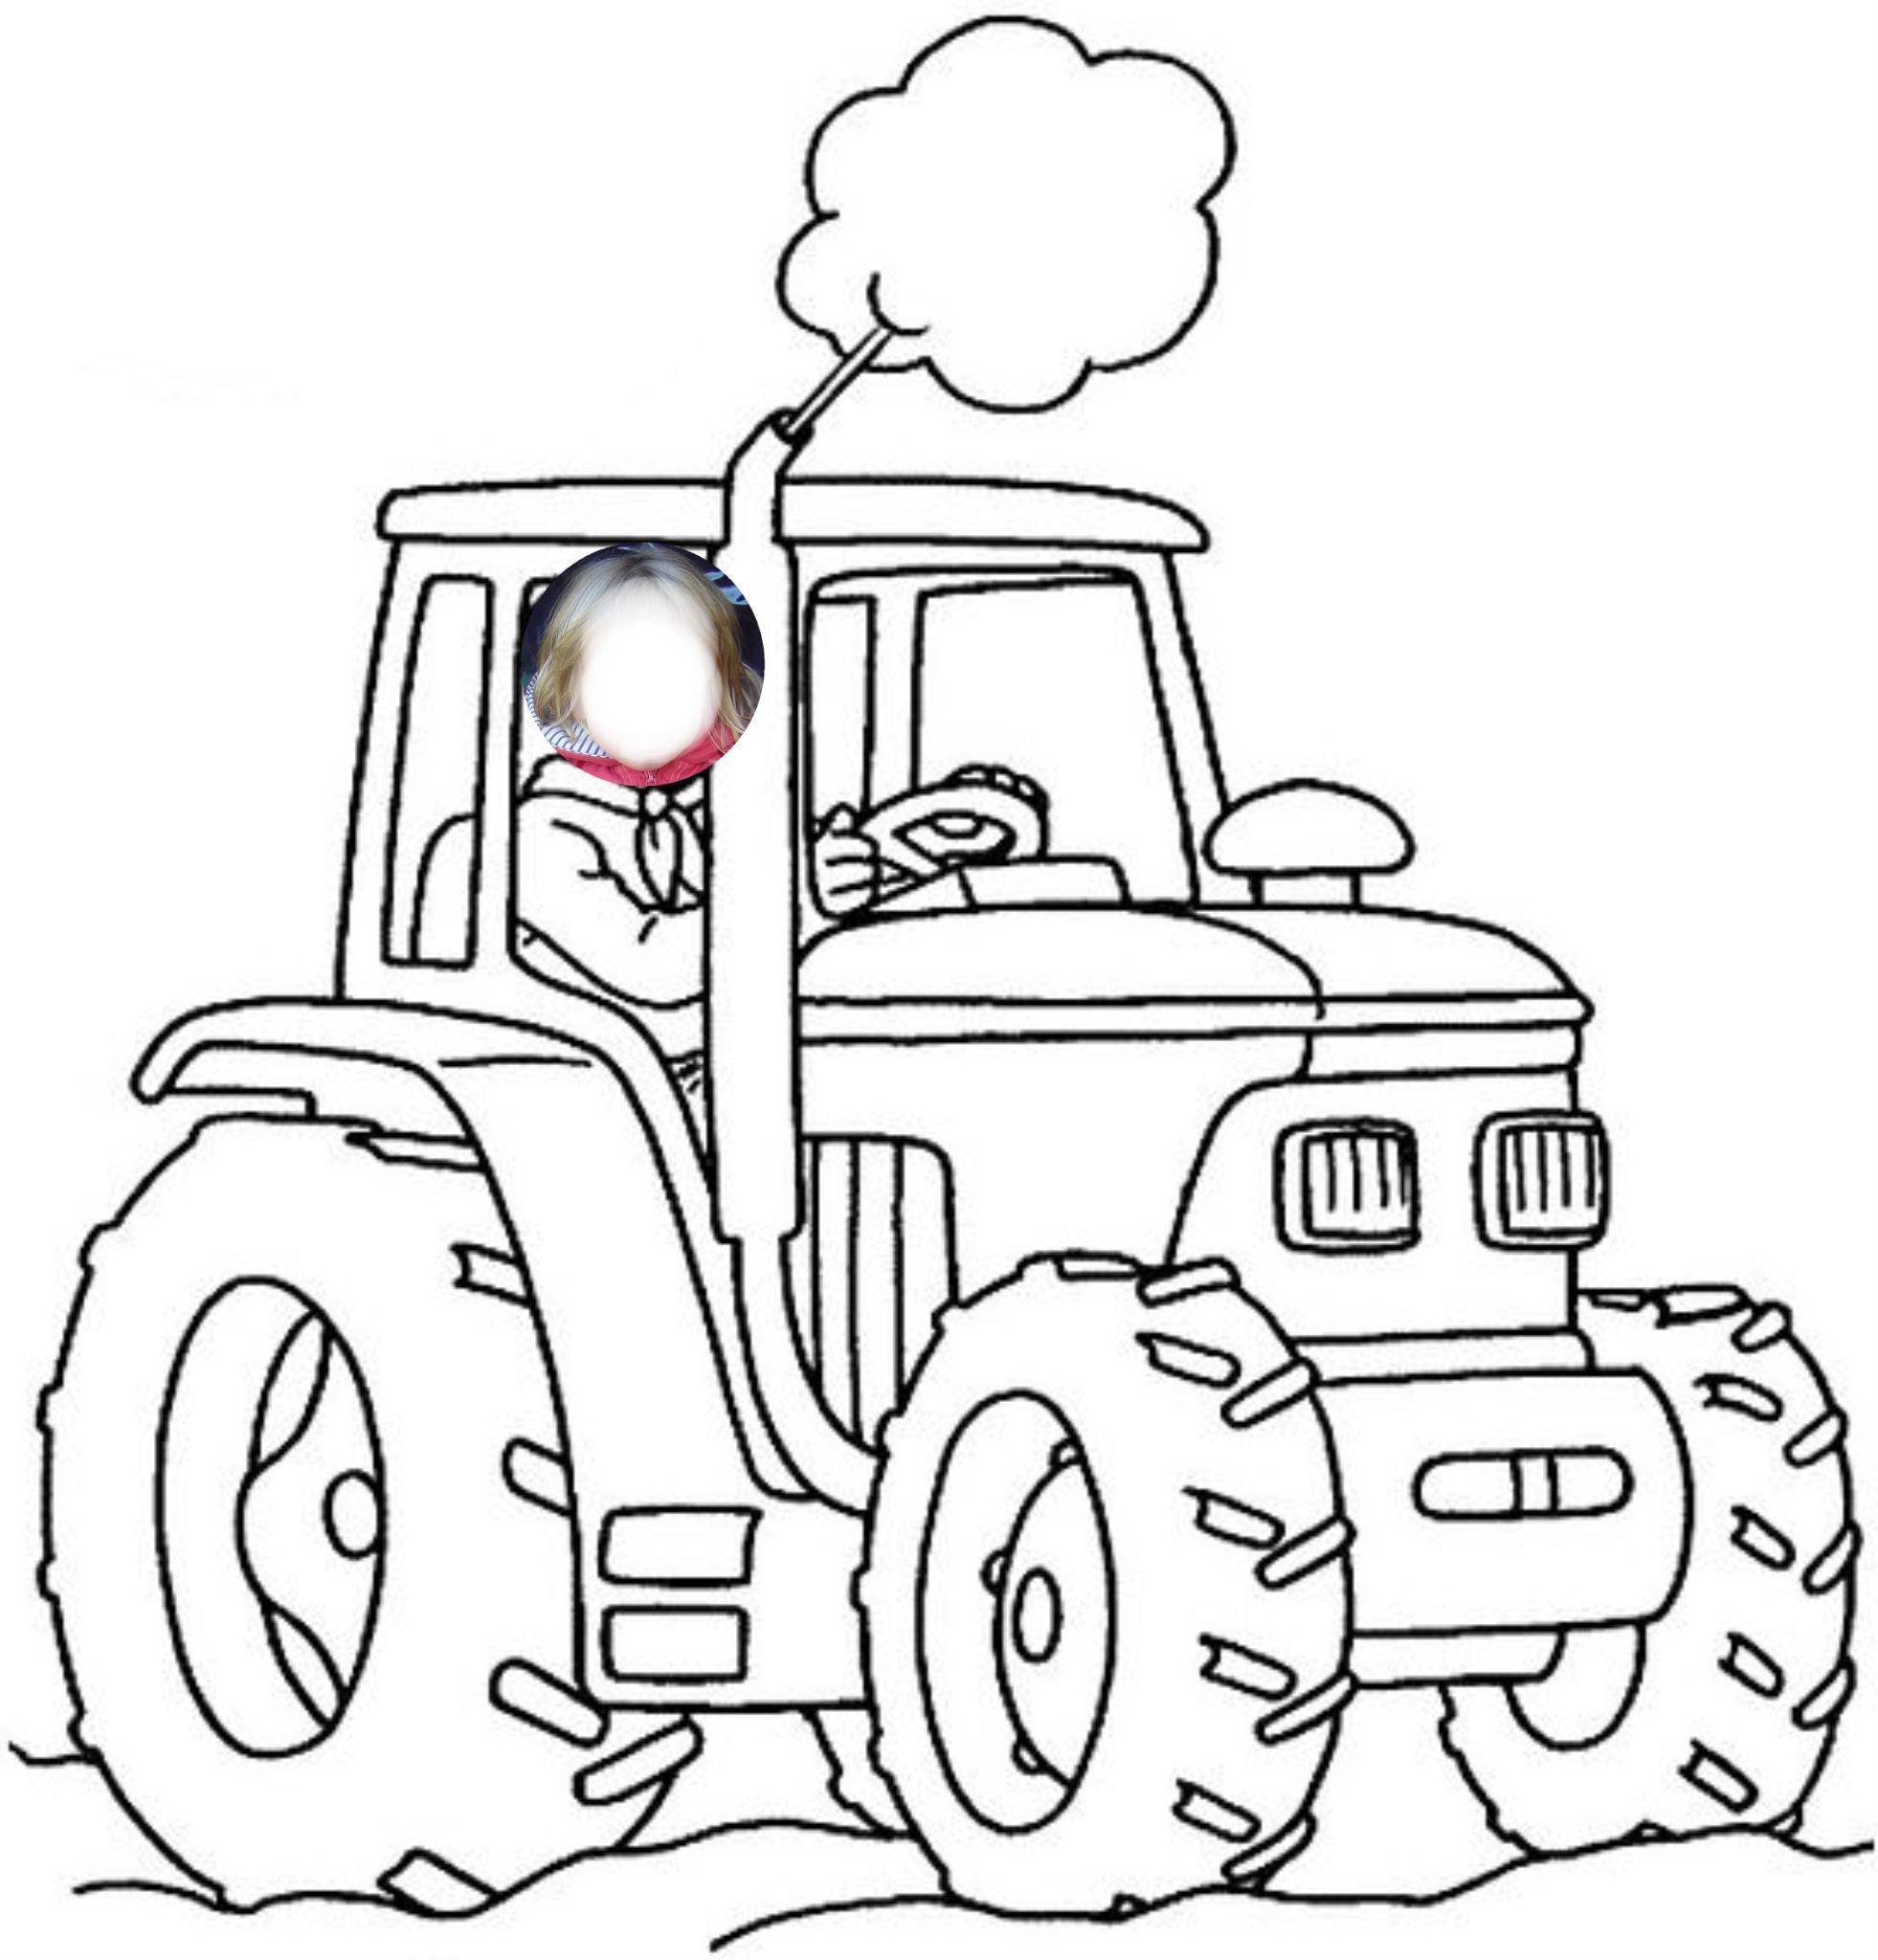 Dessins Gratuits À Colorier - Coloriage Tracteur À Imprimer dedans Sam Le Tracteur Dessin Anime